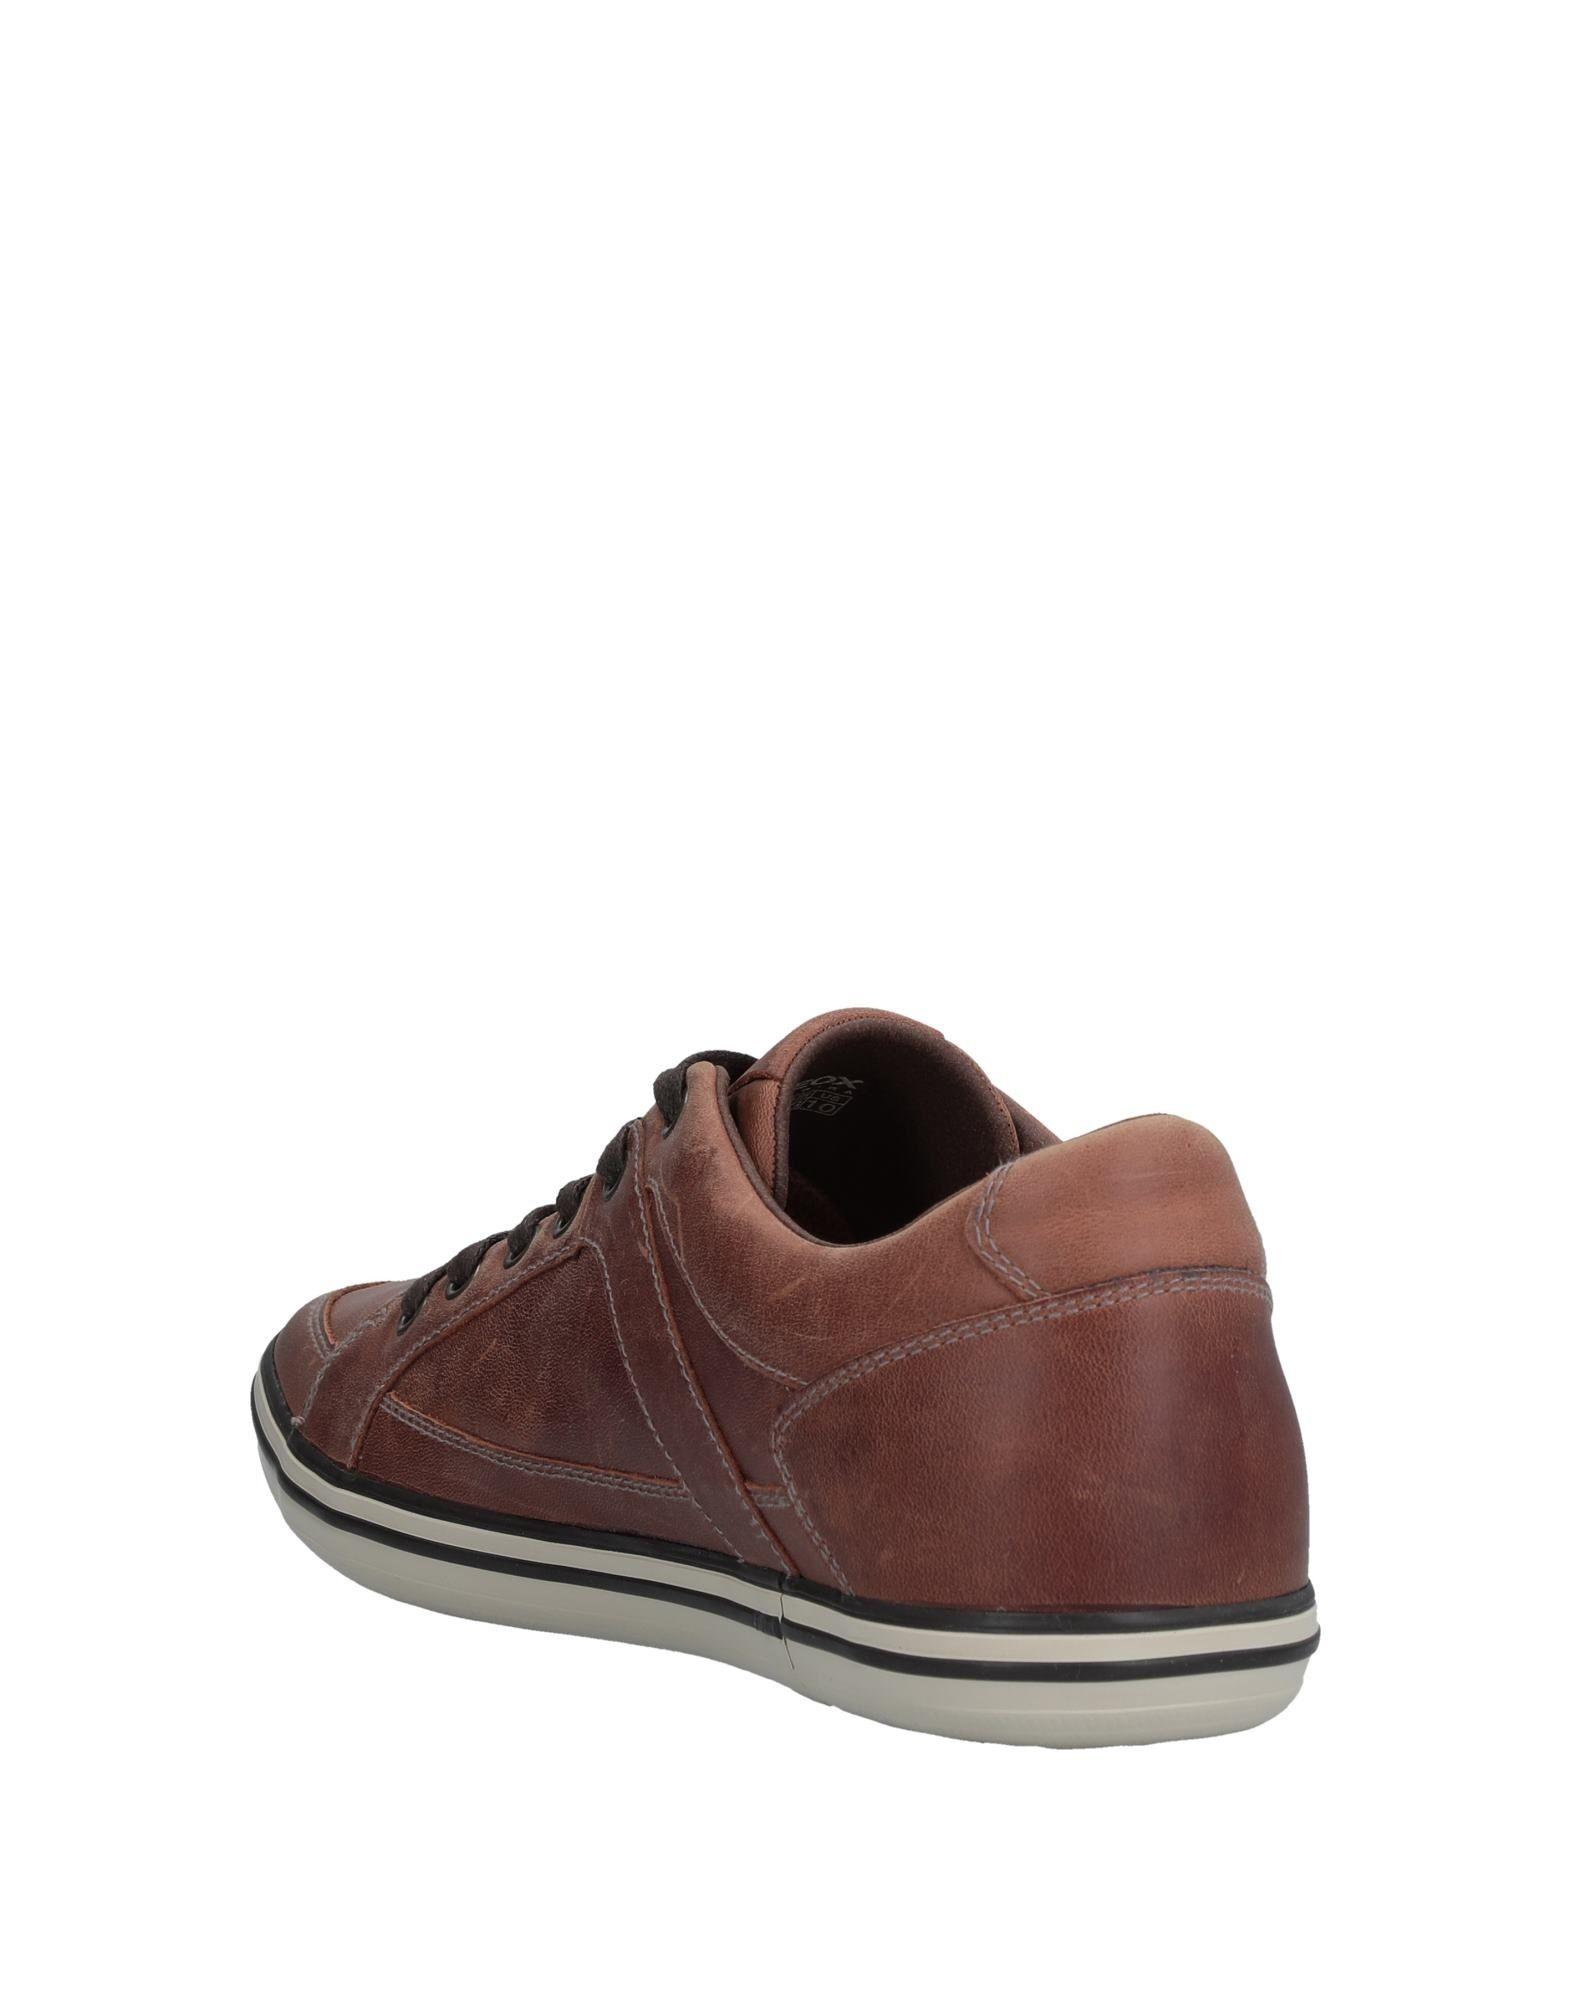 Rabatt Herren echte Schuhe Geox Sneakers Herren Rabatt  11541240IU e727dc